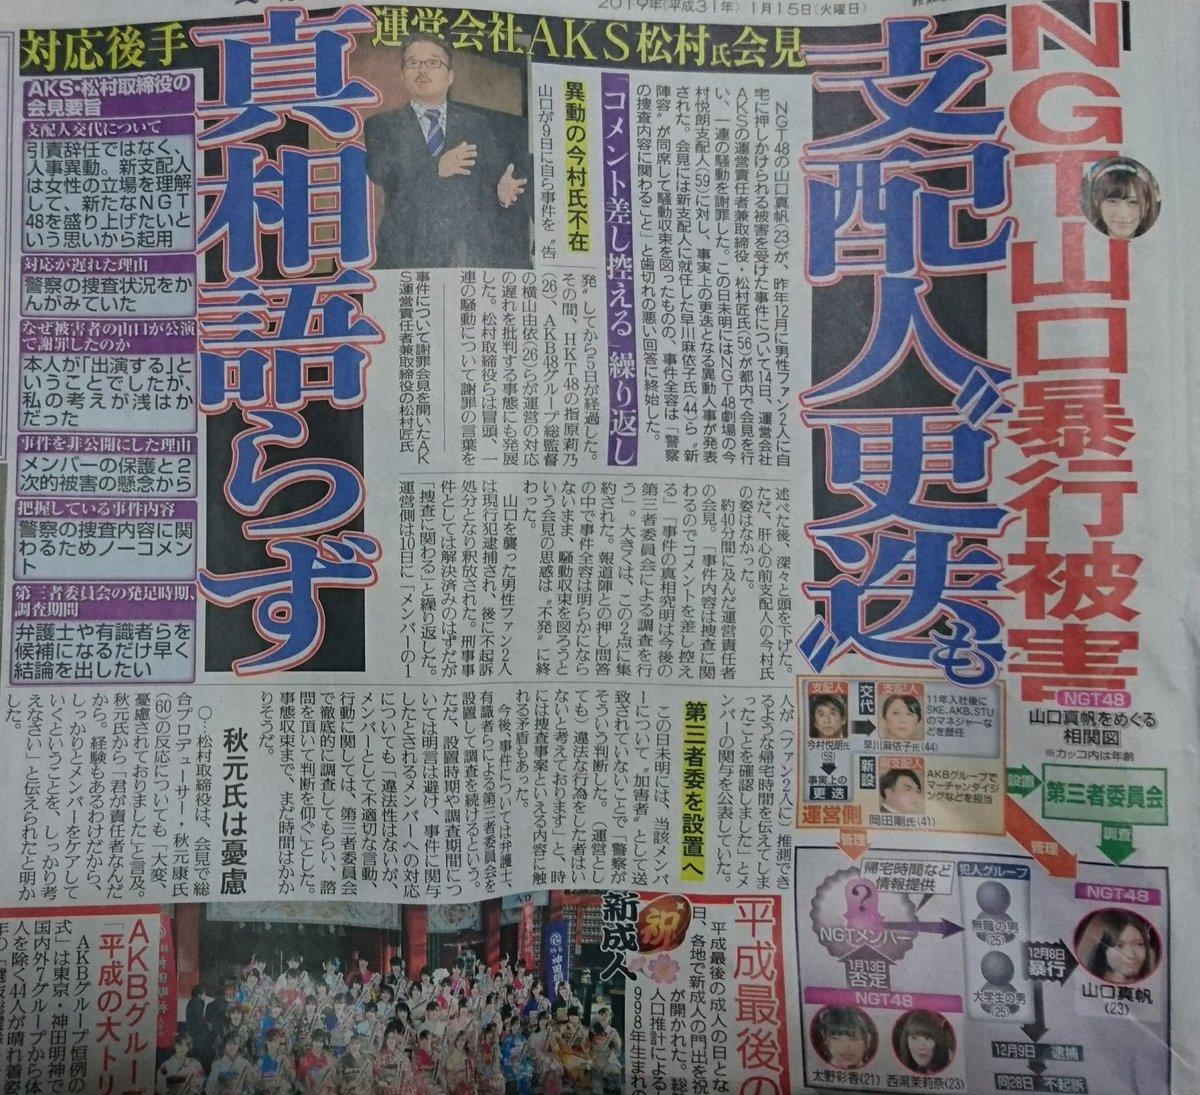 スポーツ新聞「NGT48山口真帆暴行被害、支配人更迭も真相語らず!対応後手、運営会社AKS松村氏会見」